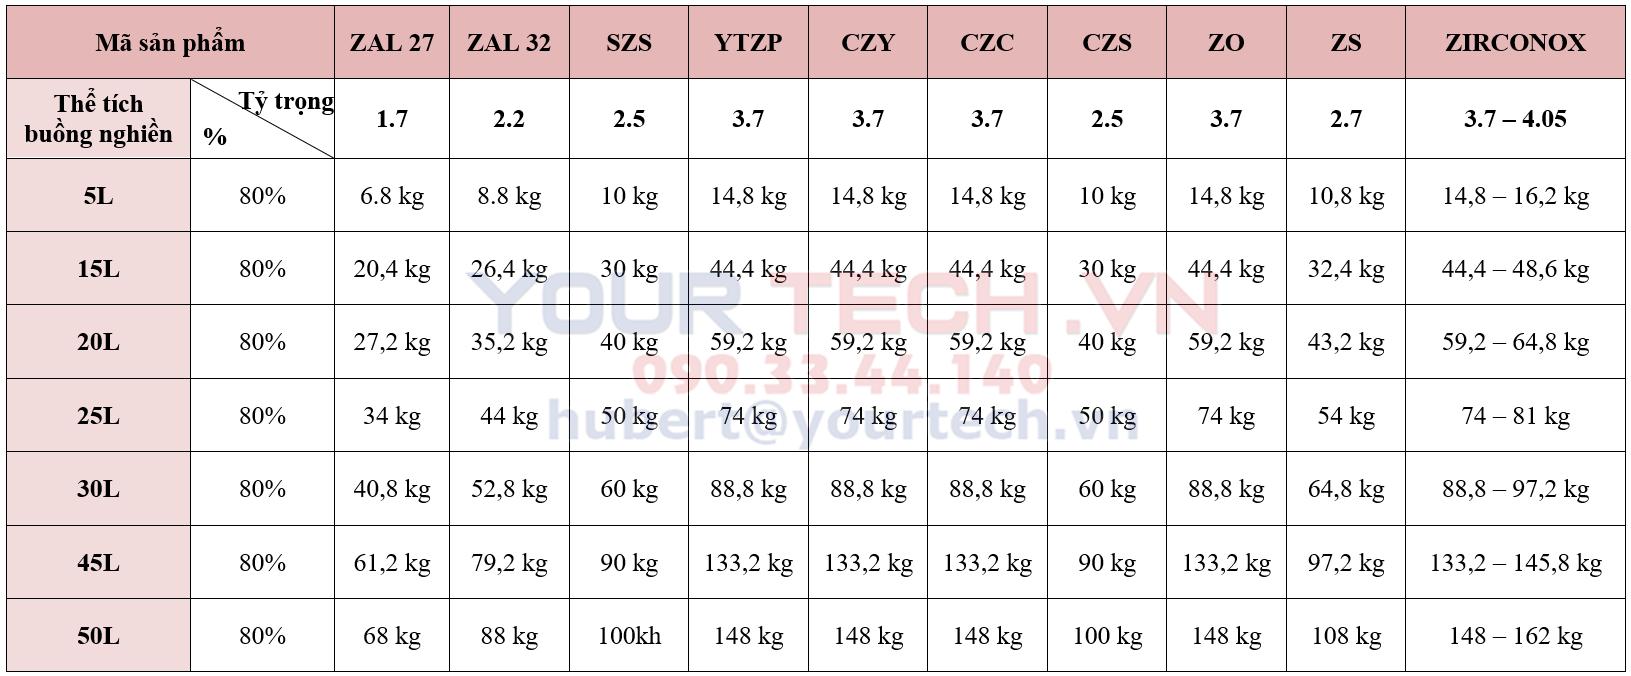 Bảng tính khối lượng bi nghiền cụ thể